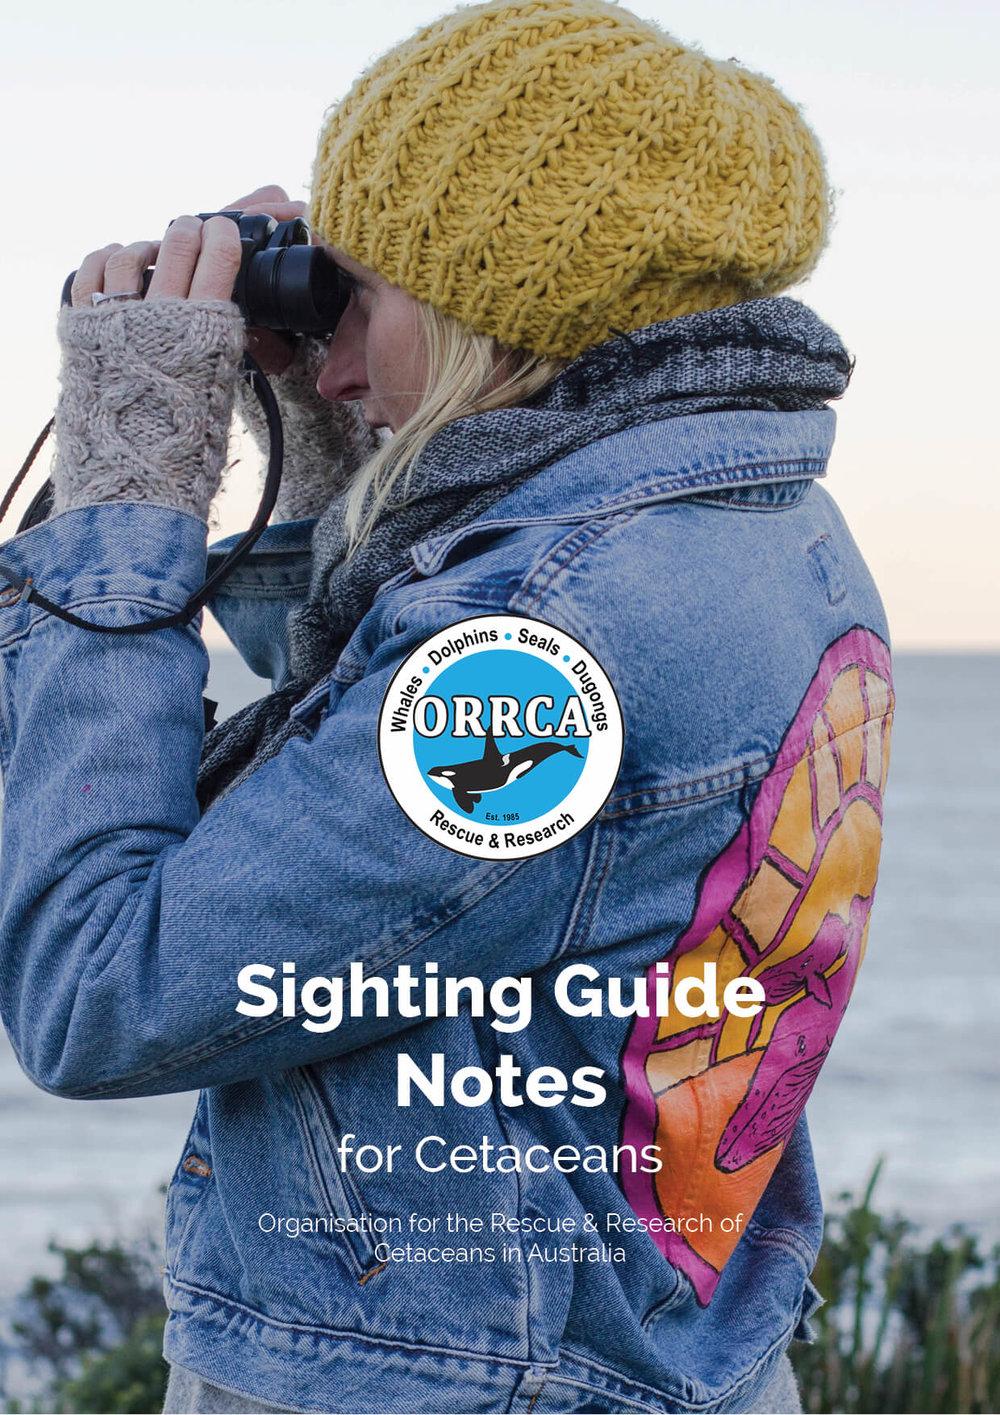 ORRCA-Covers5.jpg